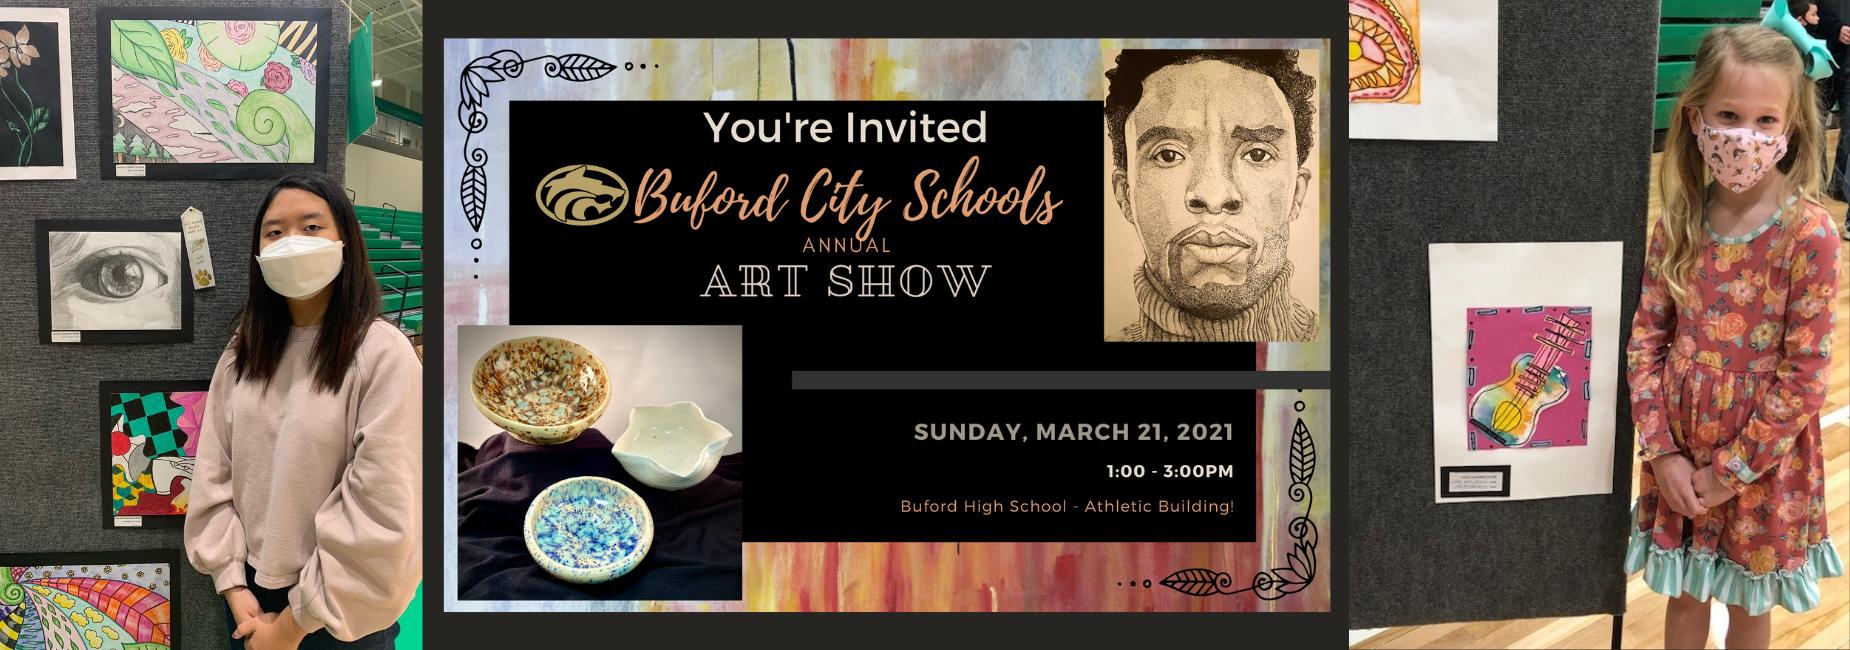 Art Show Slider 1